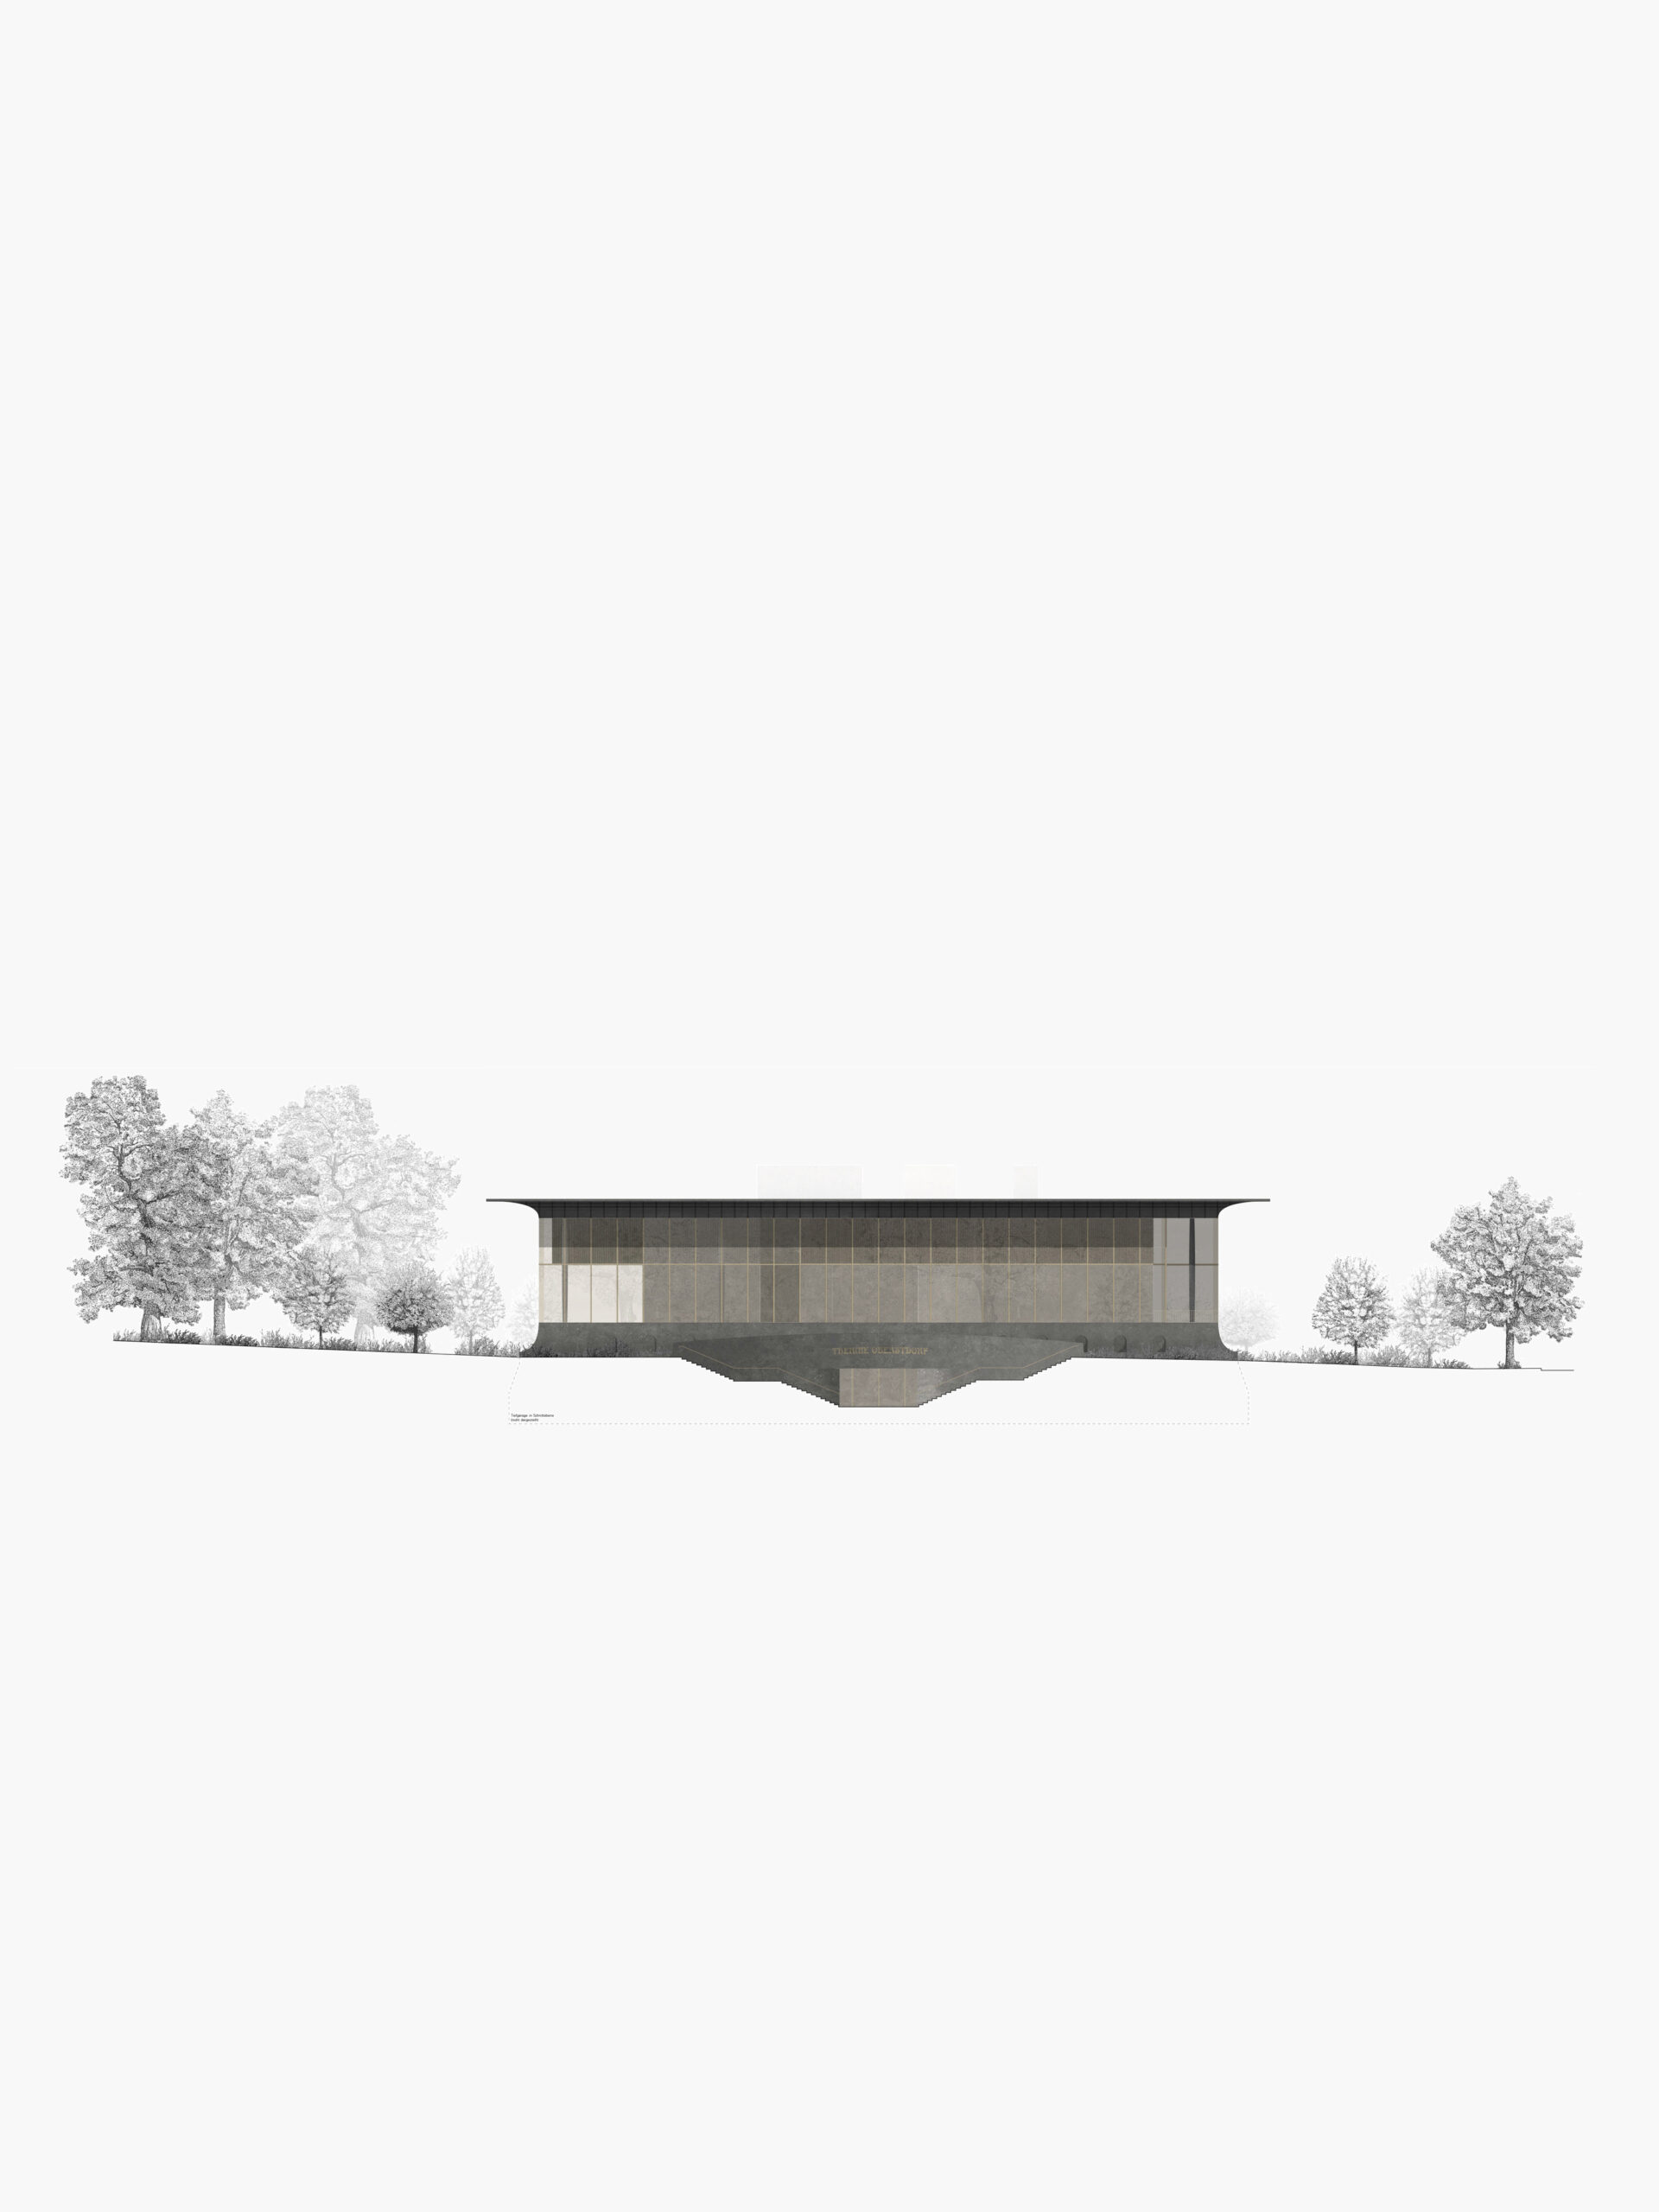 Michael-Becker-Architects-Architekten-Therme-Oberstdorf-Ansicht-Nord-hoch